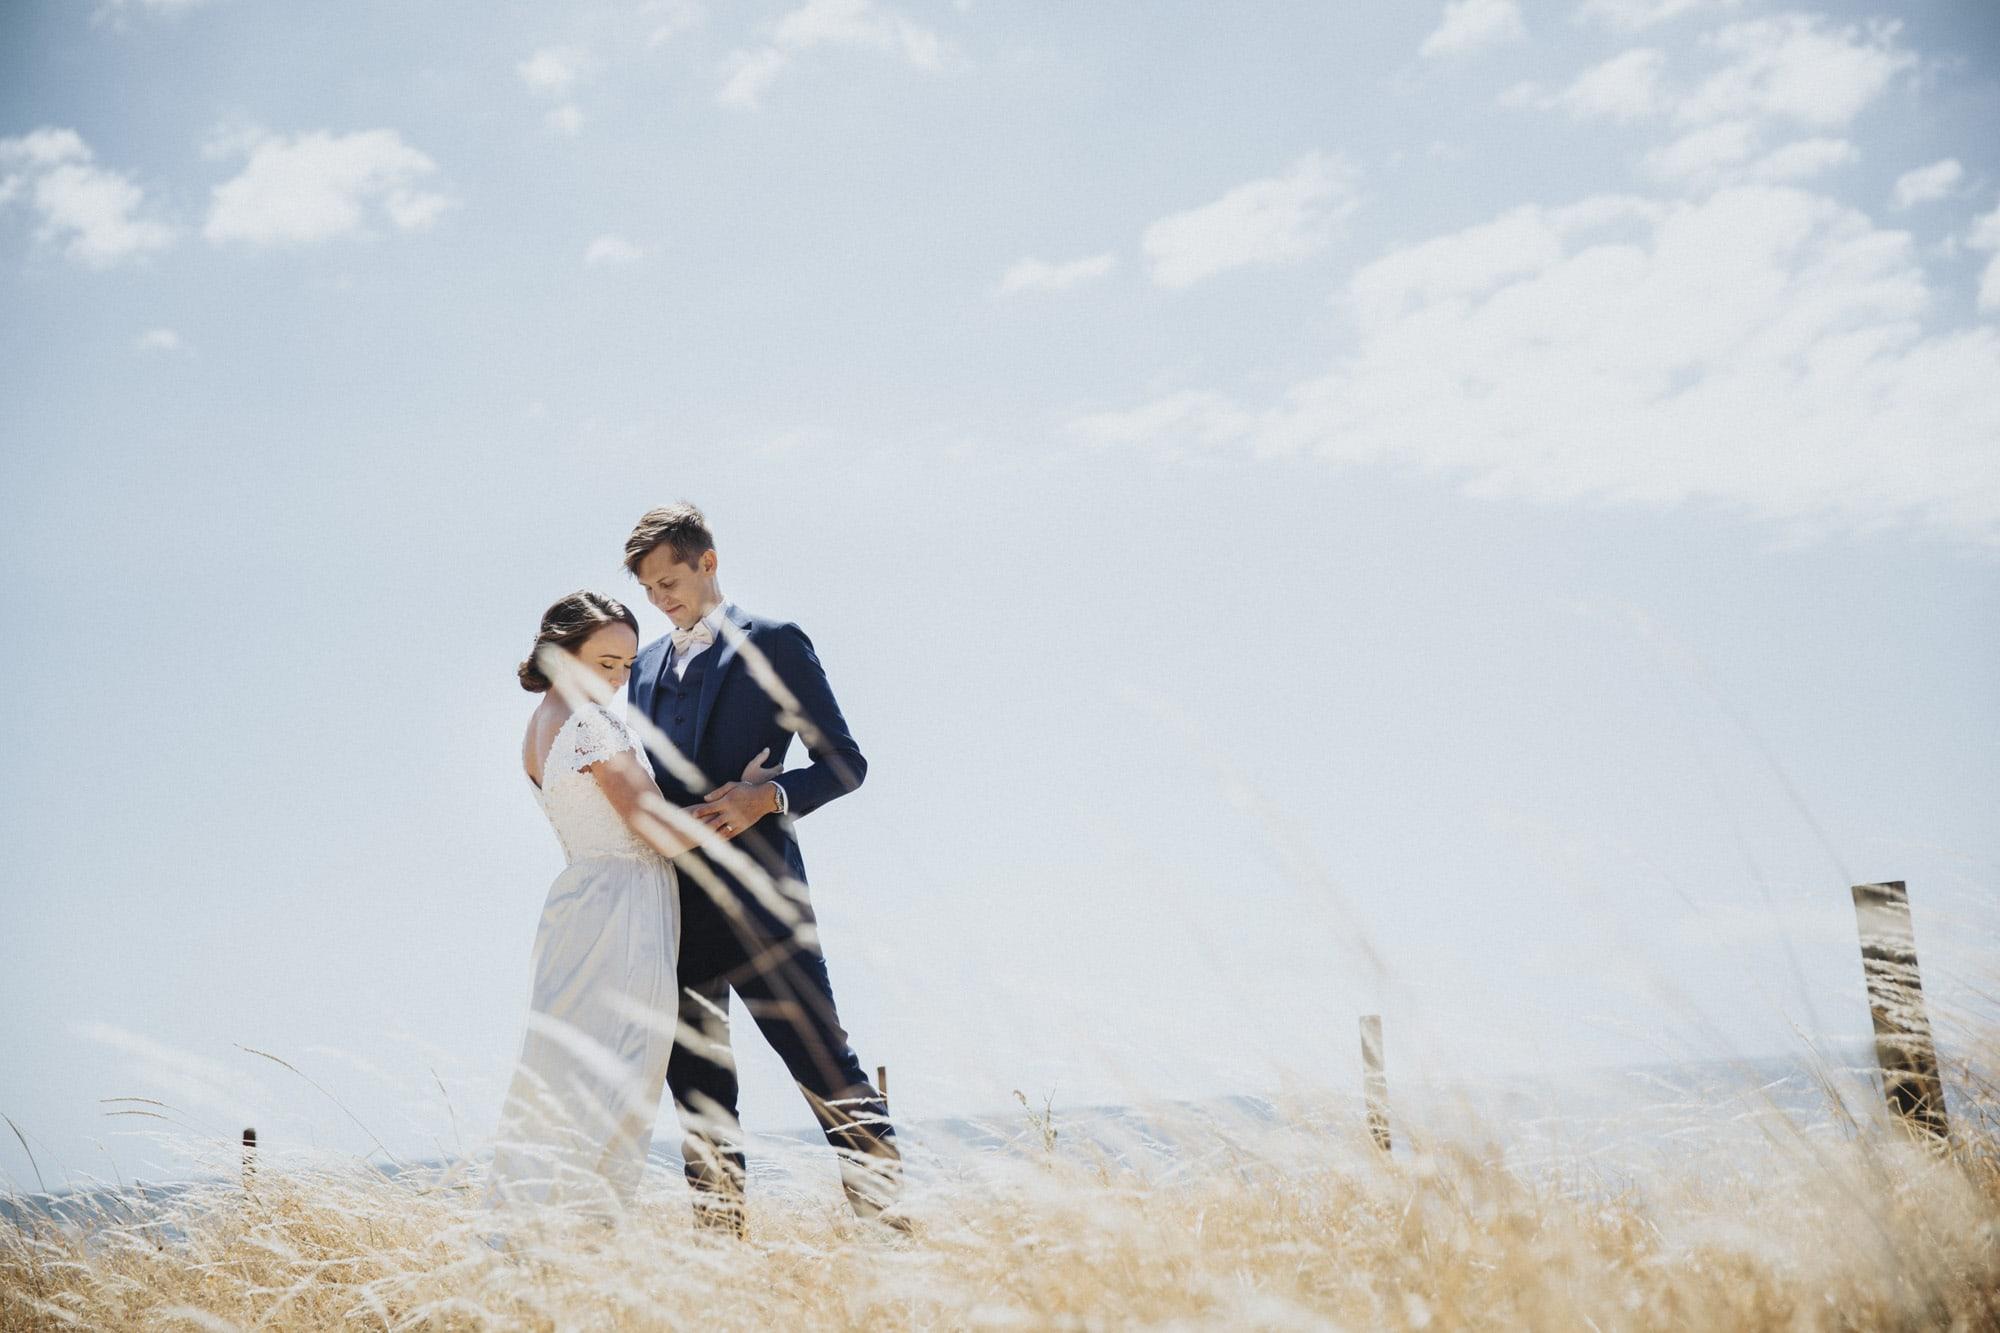 Ungt par fotograferat före vigseln. Vit ölänning och blå kostym vid havet Kämpingestrand Skåne